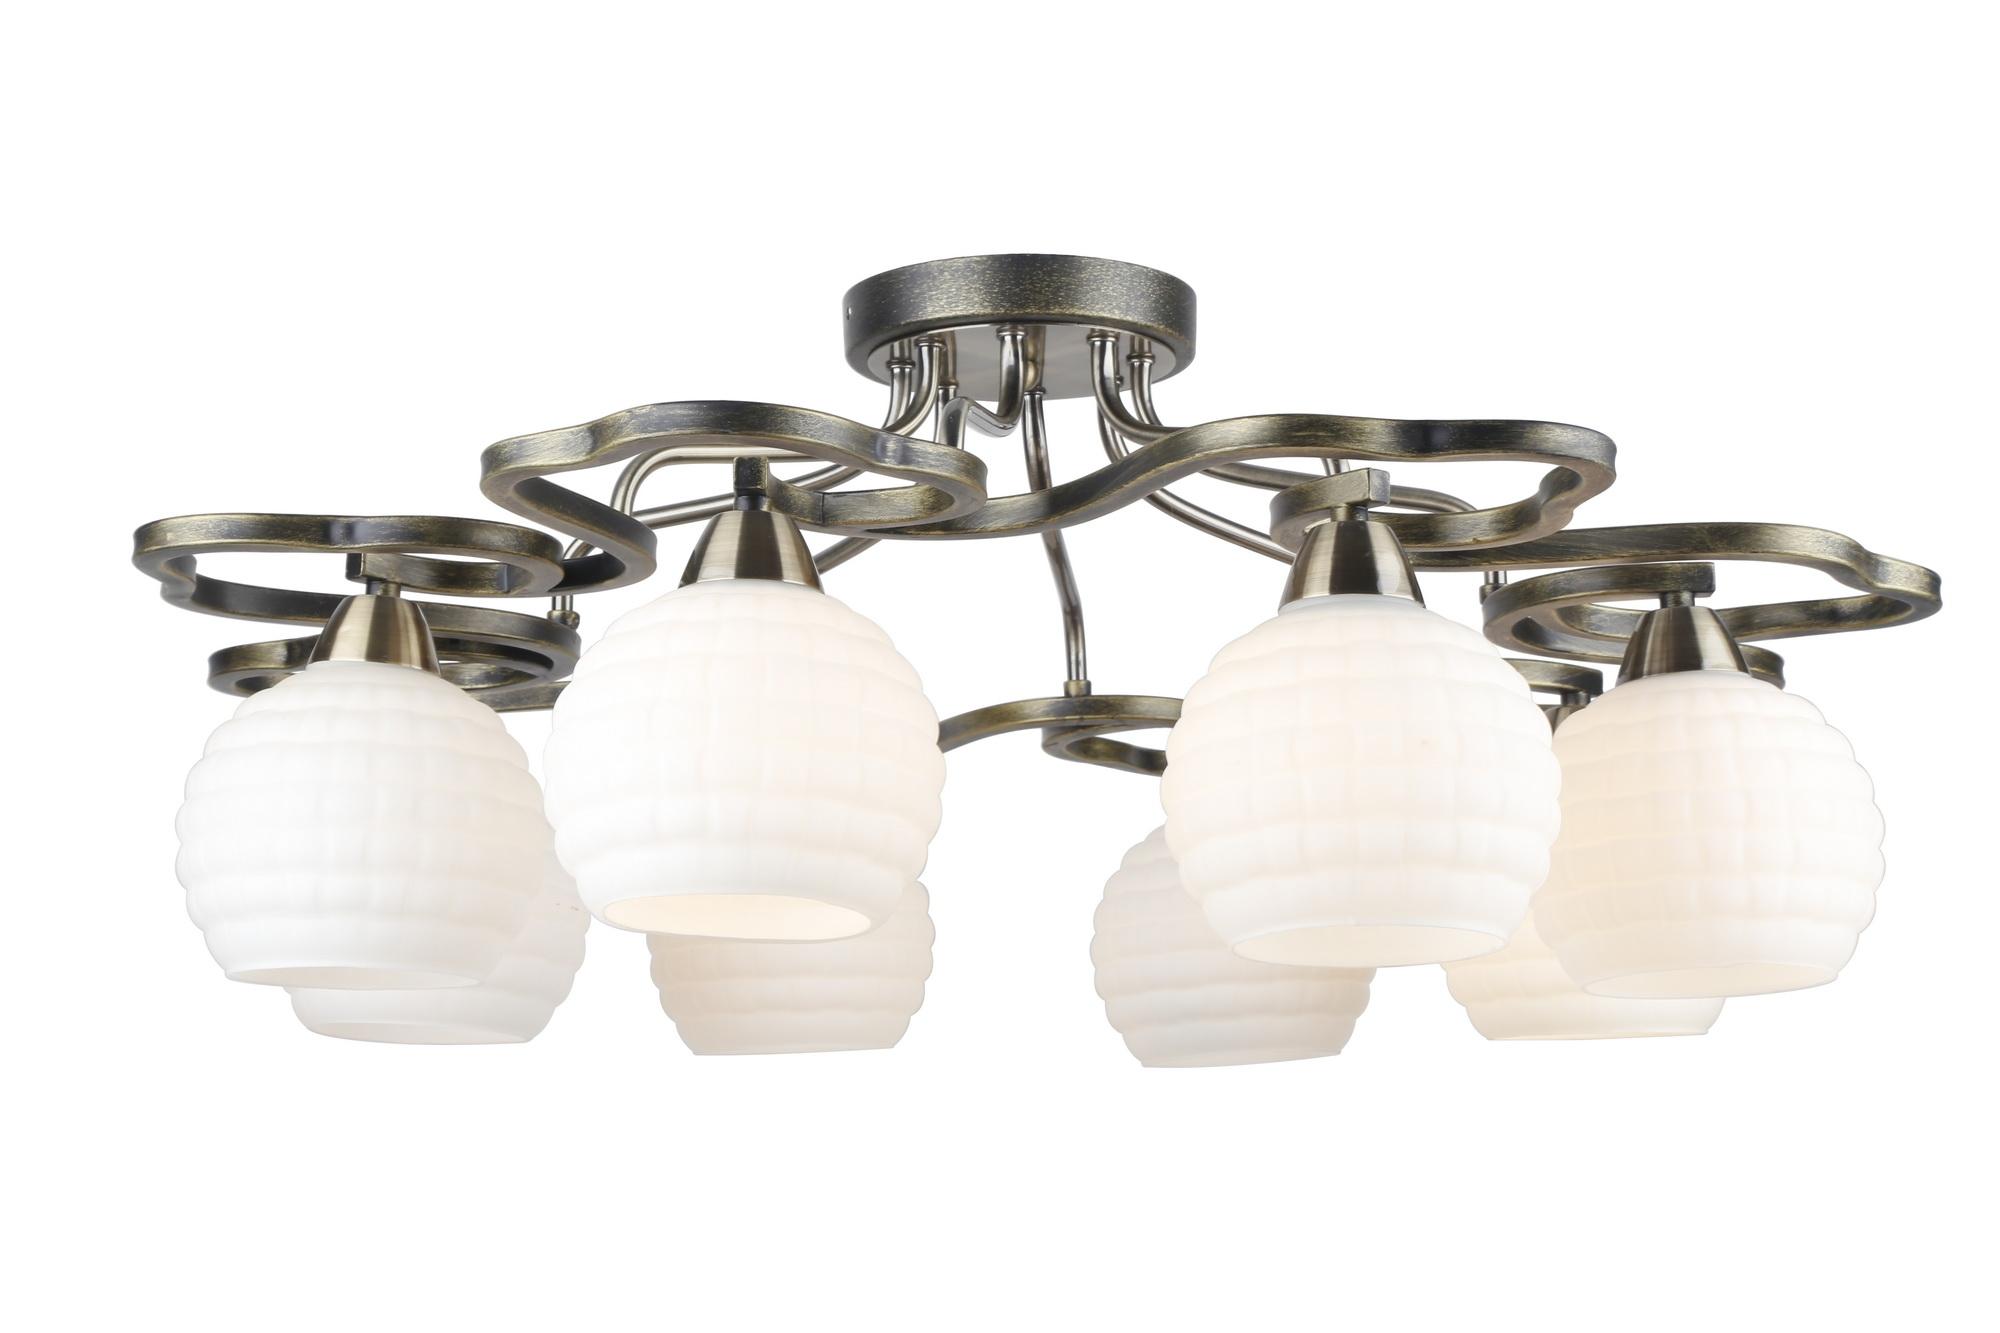 Люстра Arte lampЛюстры<br>Назначение светильника: для комнаты,<br>Стиль светильника: модерн,<br>Тип: потолочная,<br>Материал светильника: металл, стекло,<br>Материал плафона: стекло,<br>Материал арматуры: металл,<br>Длина (мм): 740,<br>Ширина: 740,<br>Высота: 290,<br>Количество ламп: 8,<br>Тип лампы: накаливания,<br>Мощность: 40,<br>Патрон: Е14,<br>Цвет арматуры: золото<br>